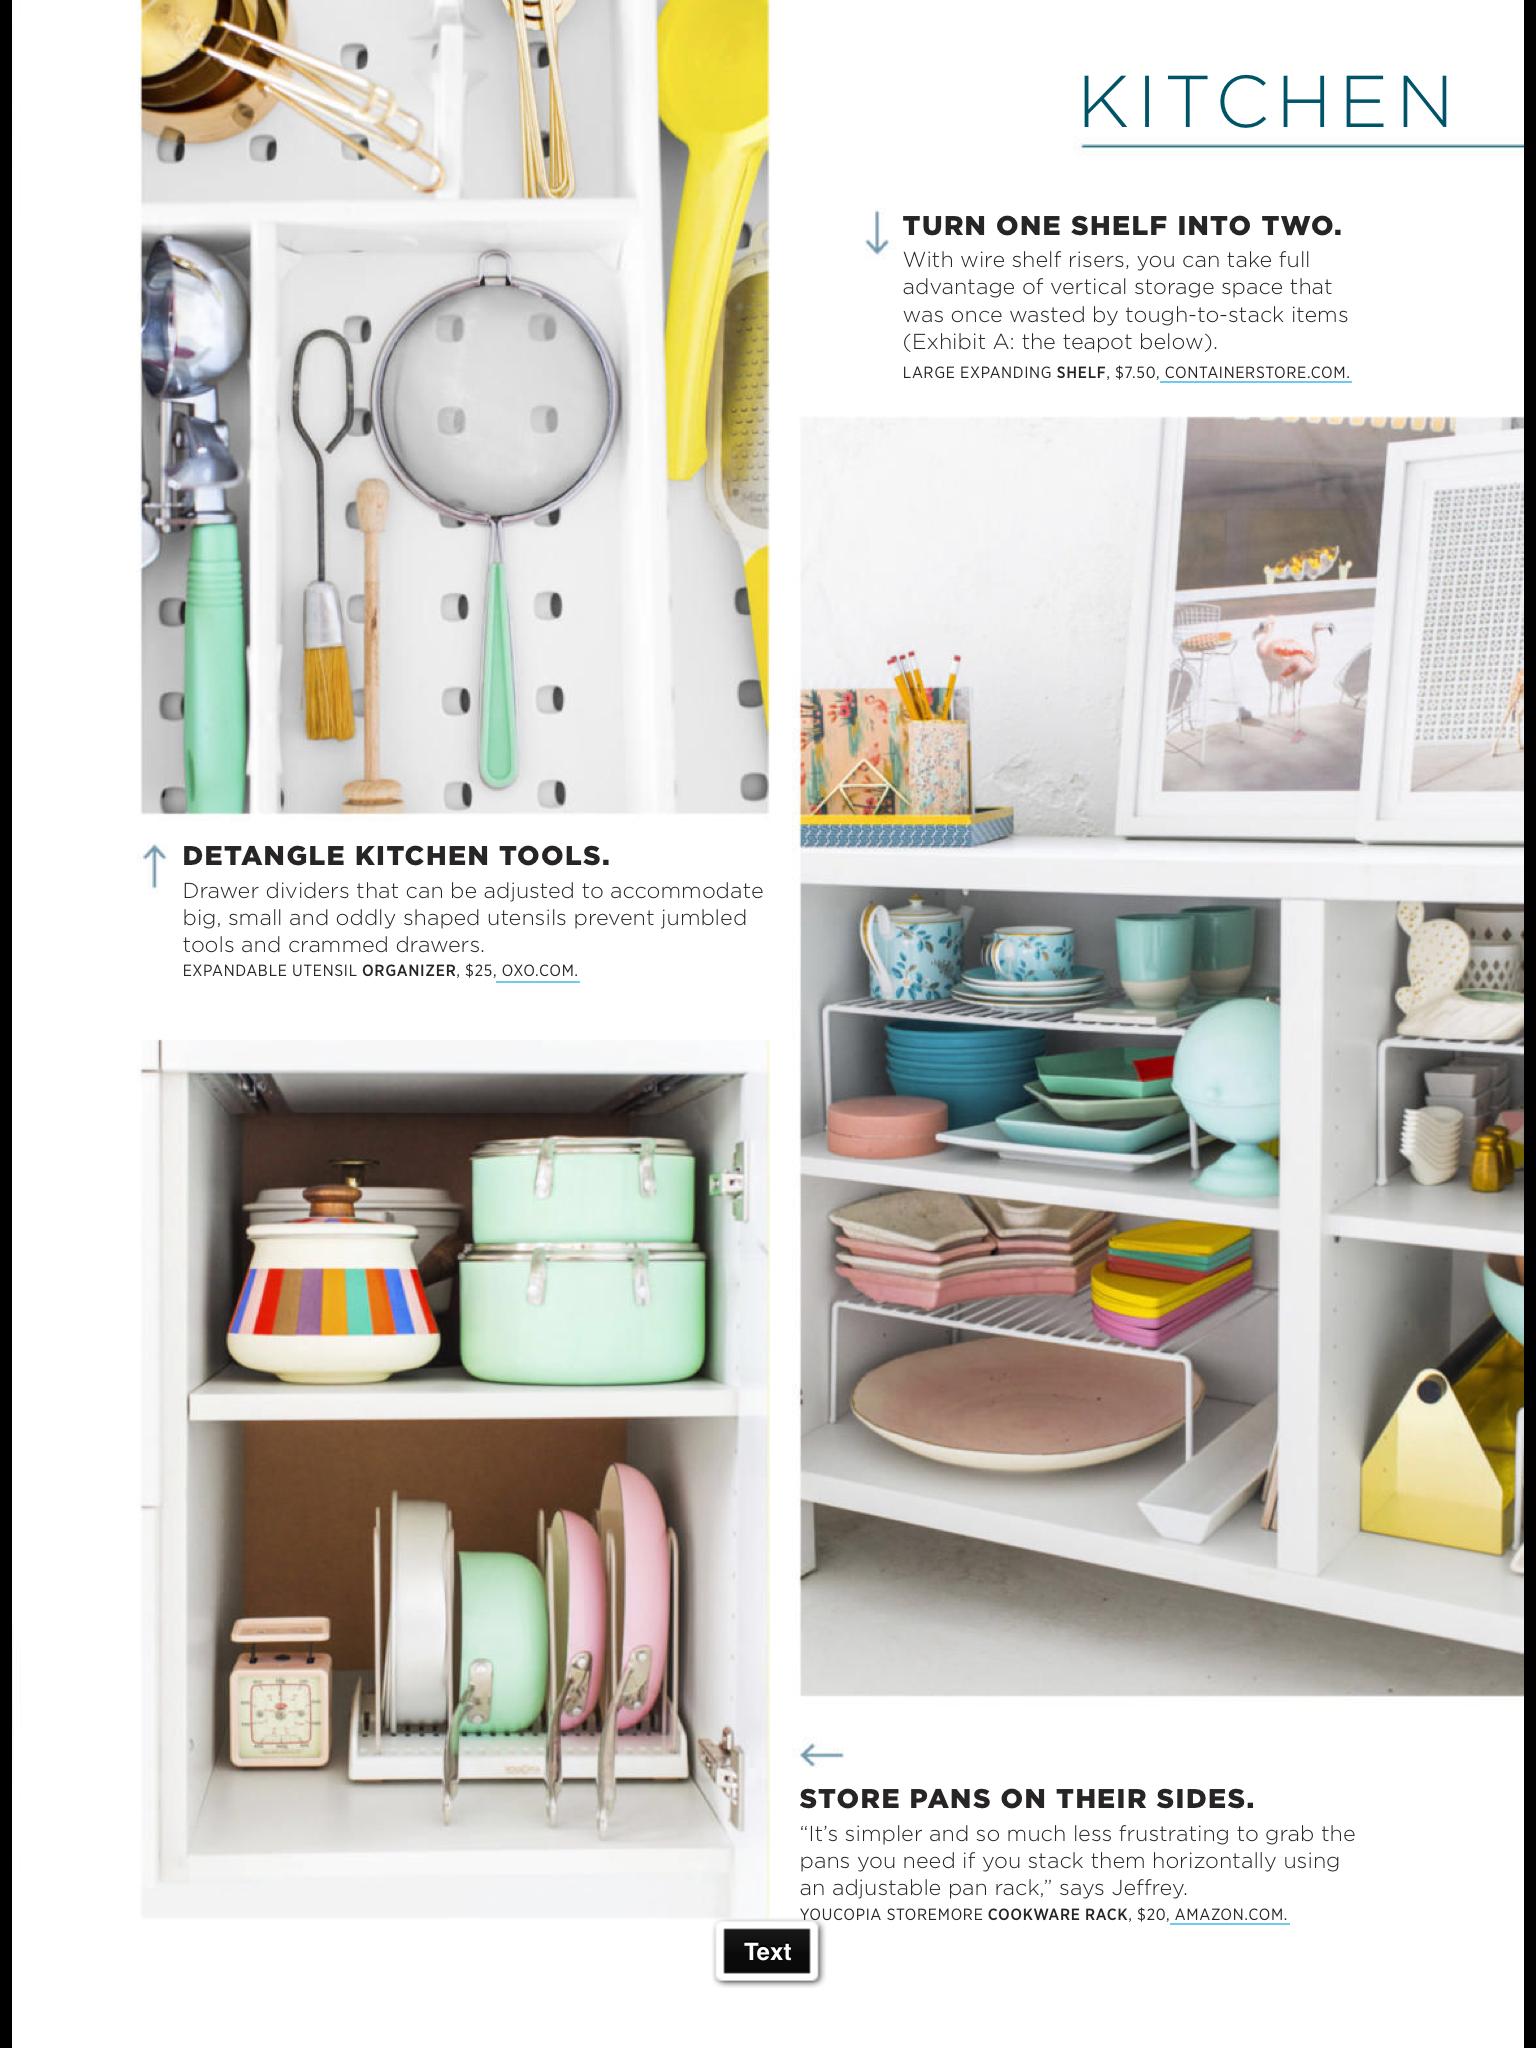 Pin by Bernadette Shannon on Kitchen Remodel Ideas ...